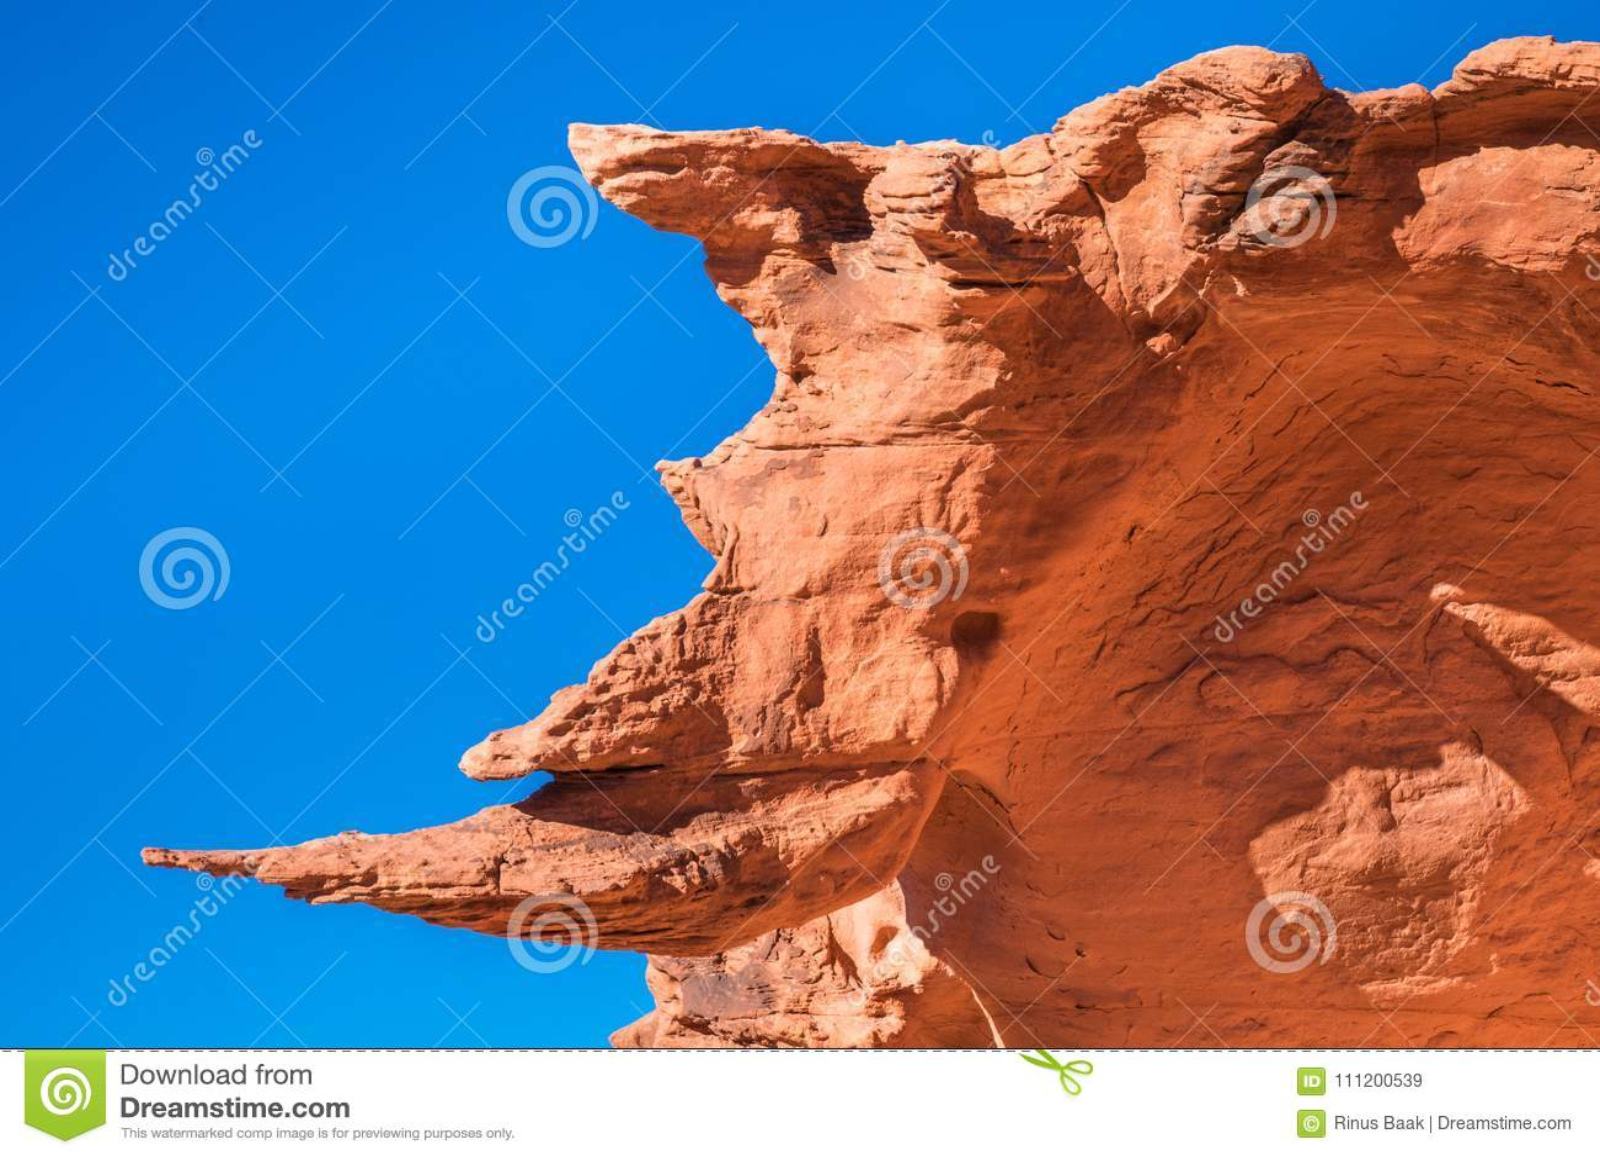 Sandstone Rhinoceros stock image  Image of sand, eroded